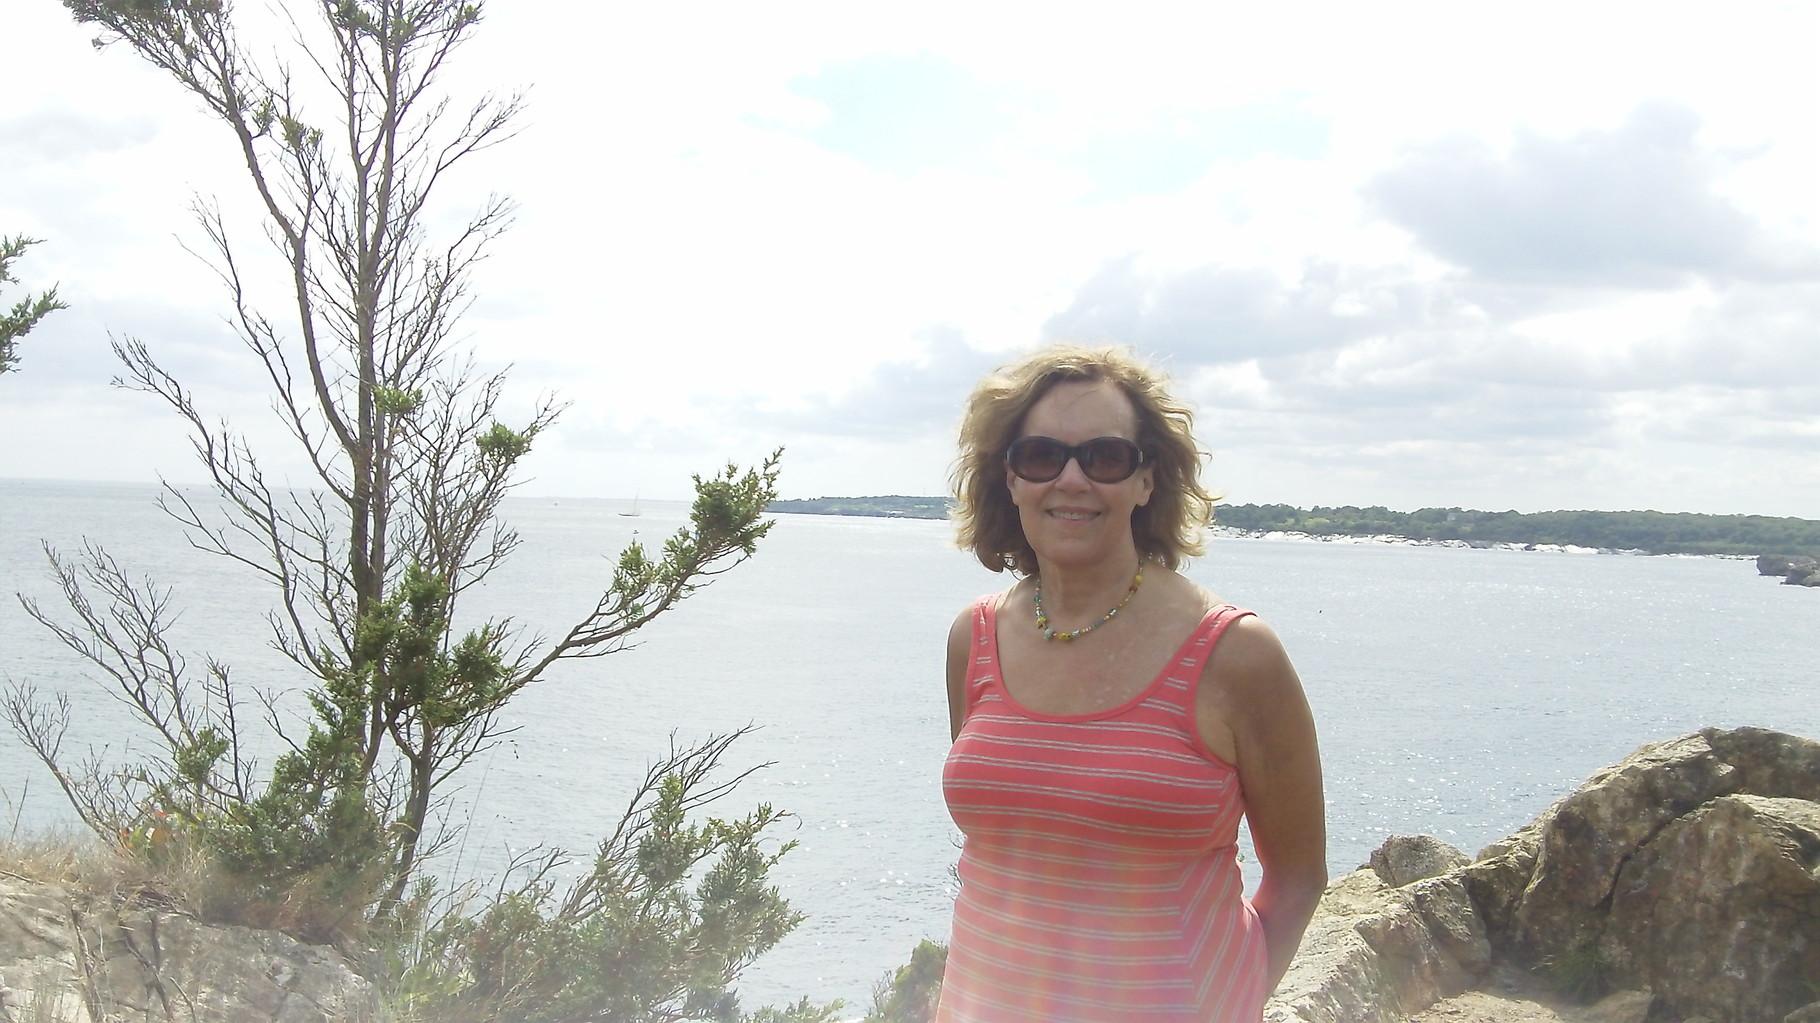 Lorraine, Jamestown cliffs